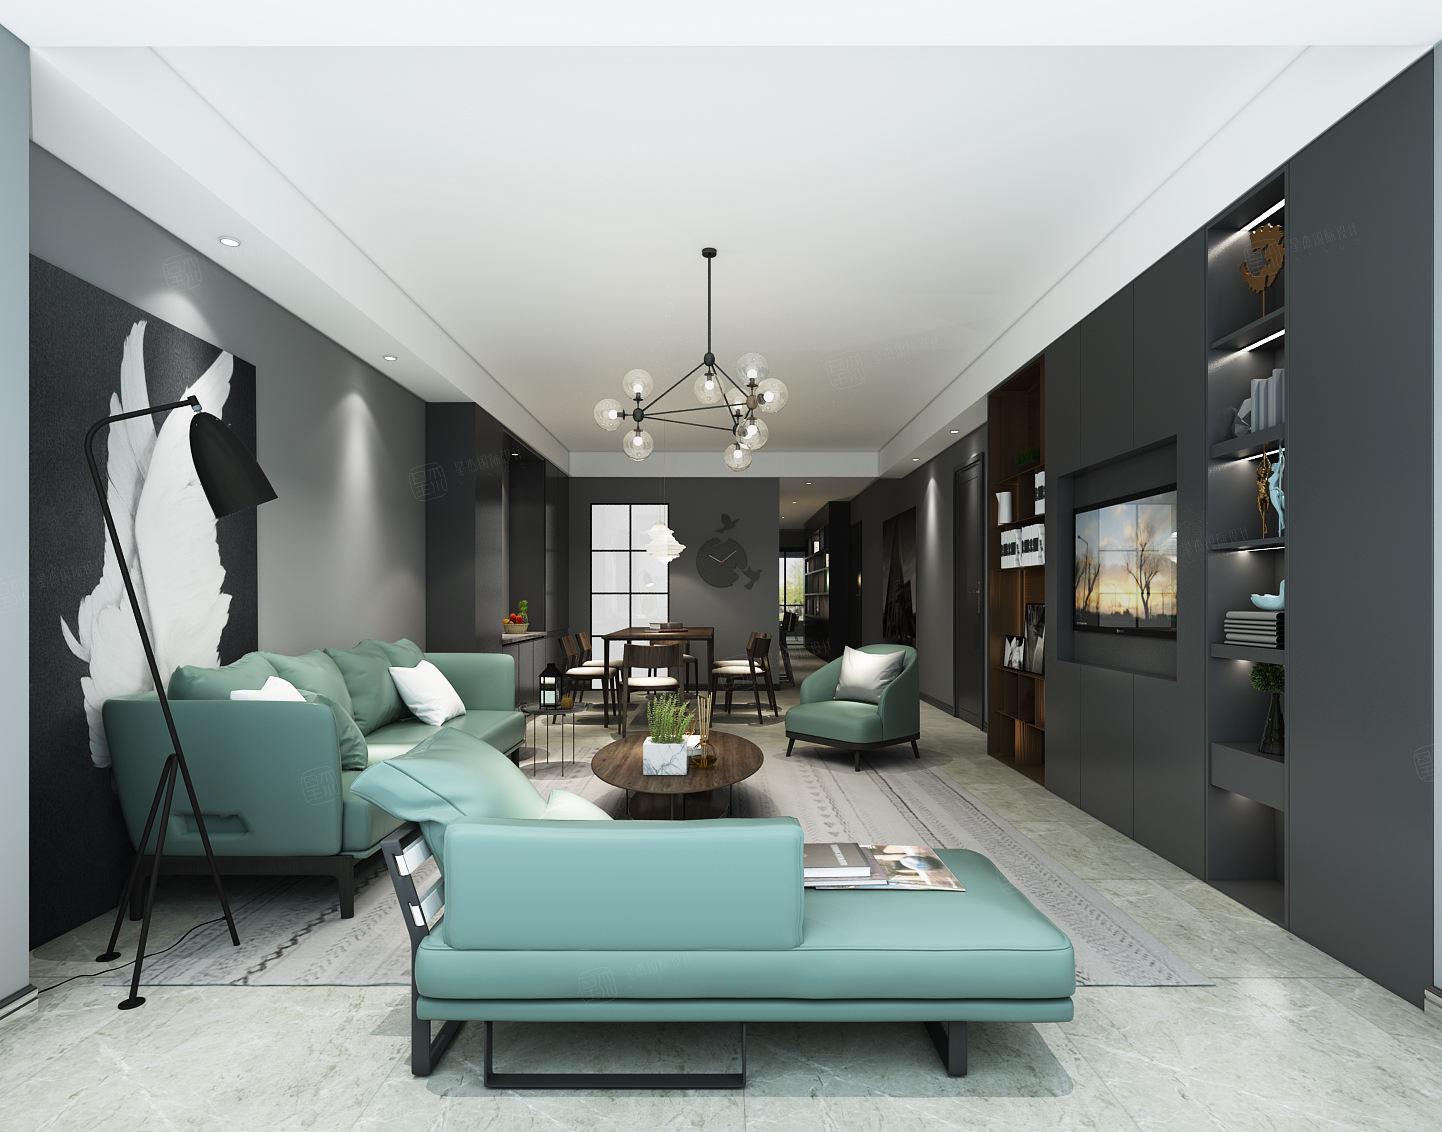 高尚领域 现代时尚装修客厅效果图